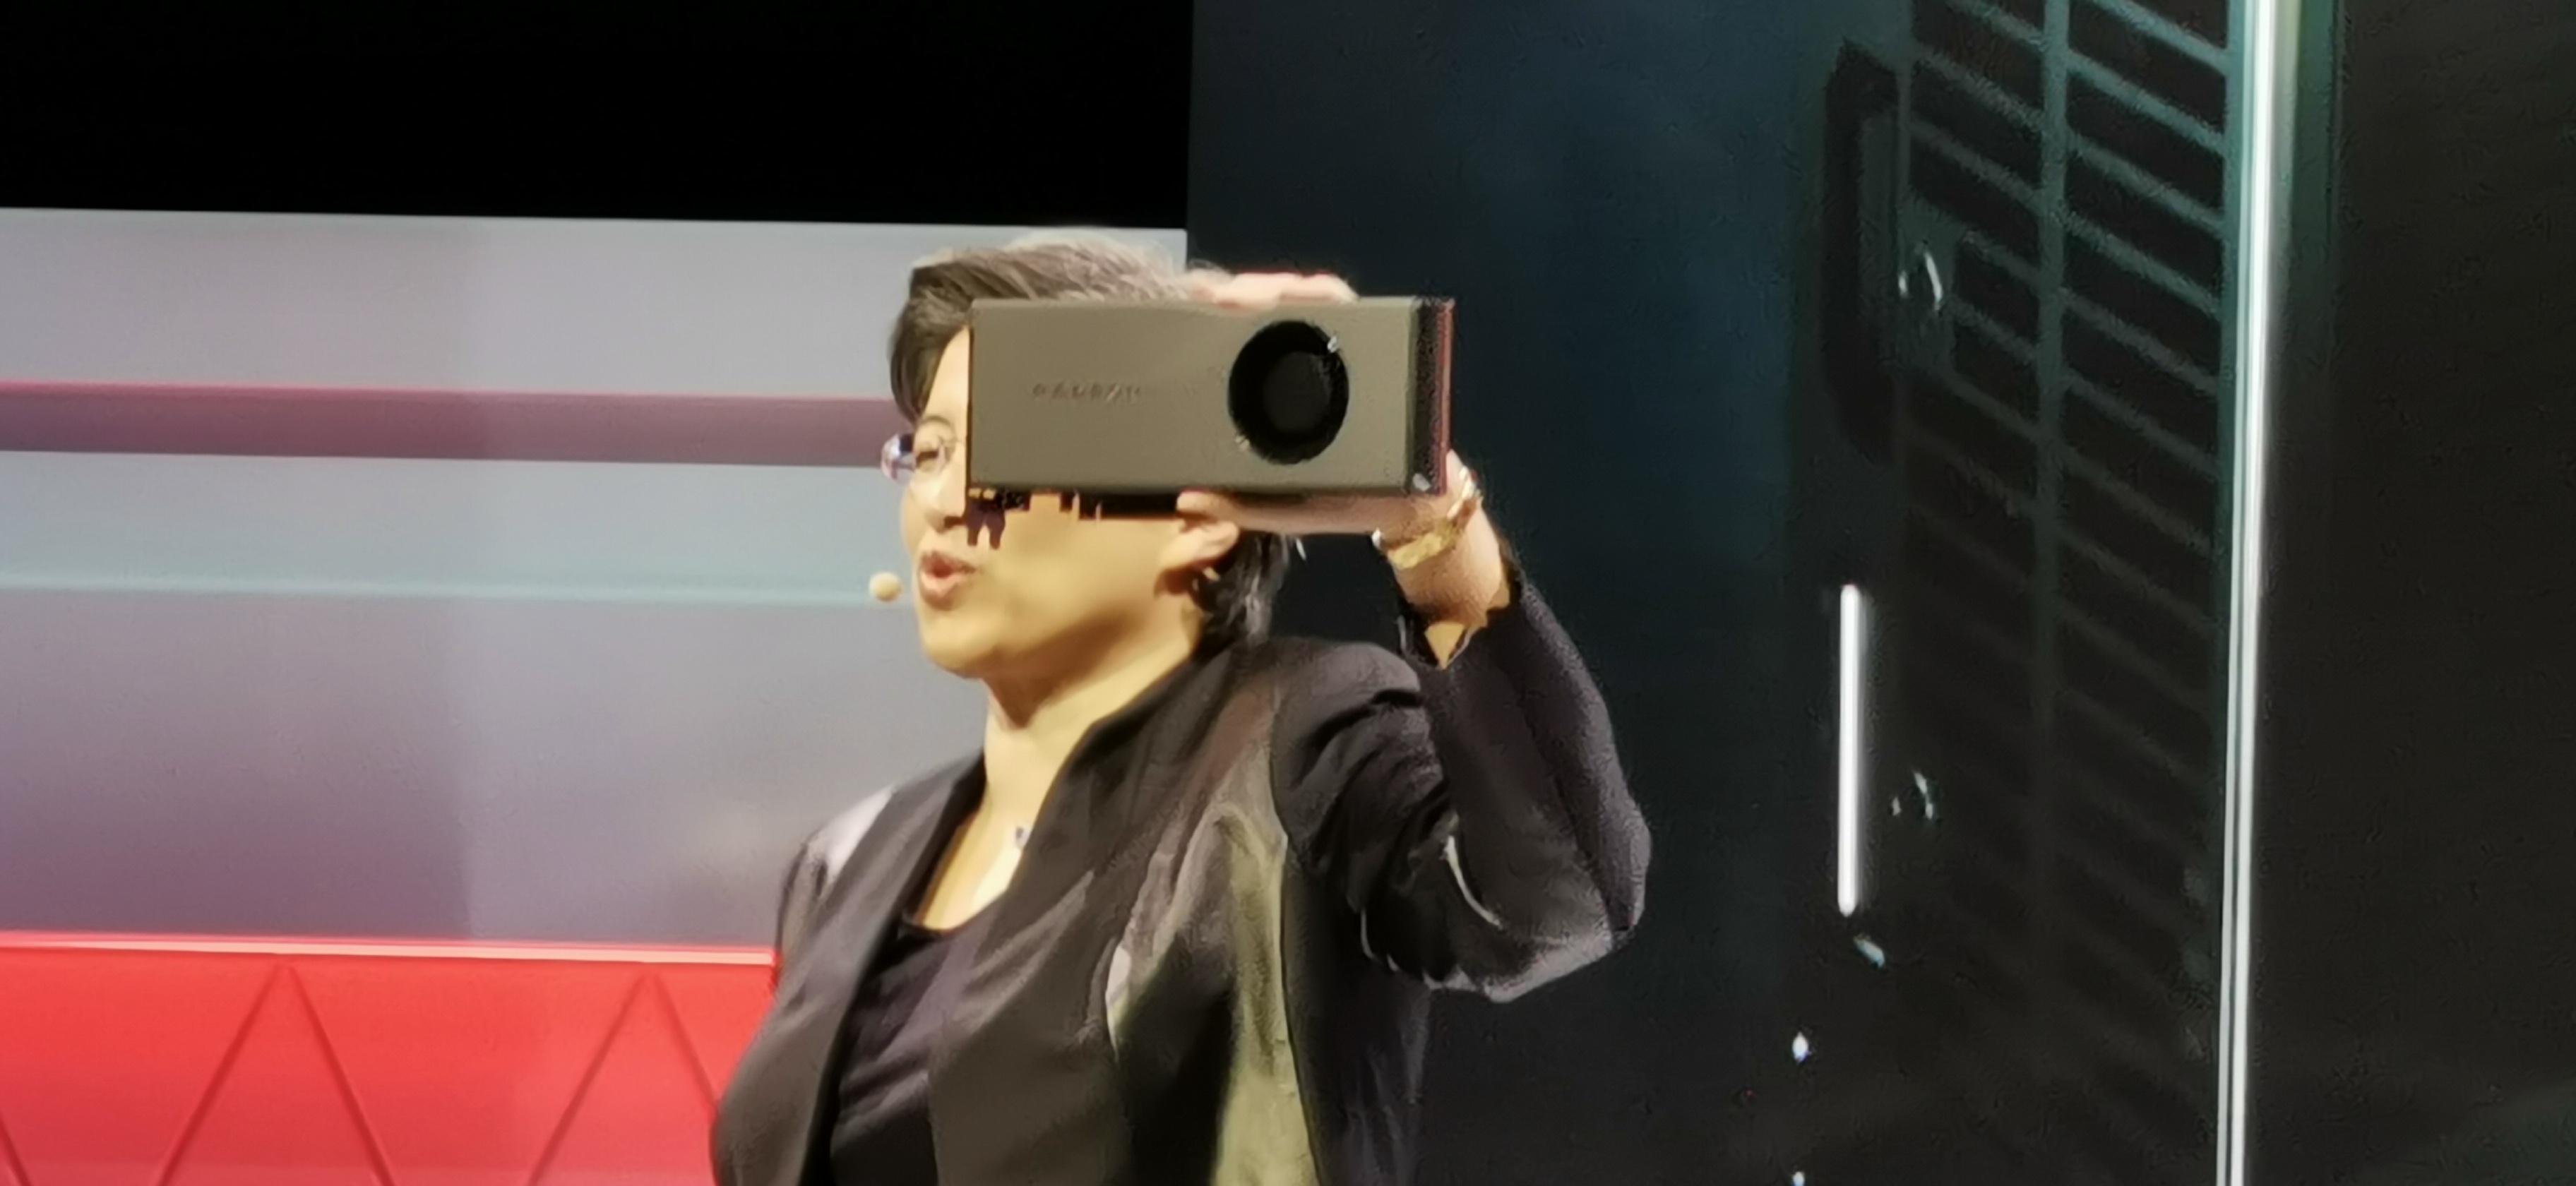 Rumor, Tweaktown] AMD to launch next-gen Navi graphics cards at E3